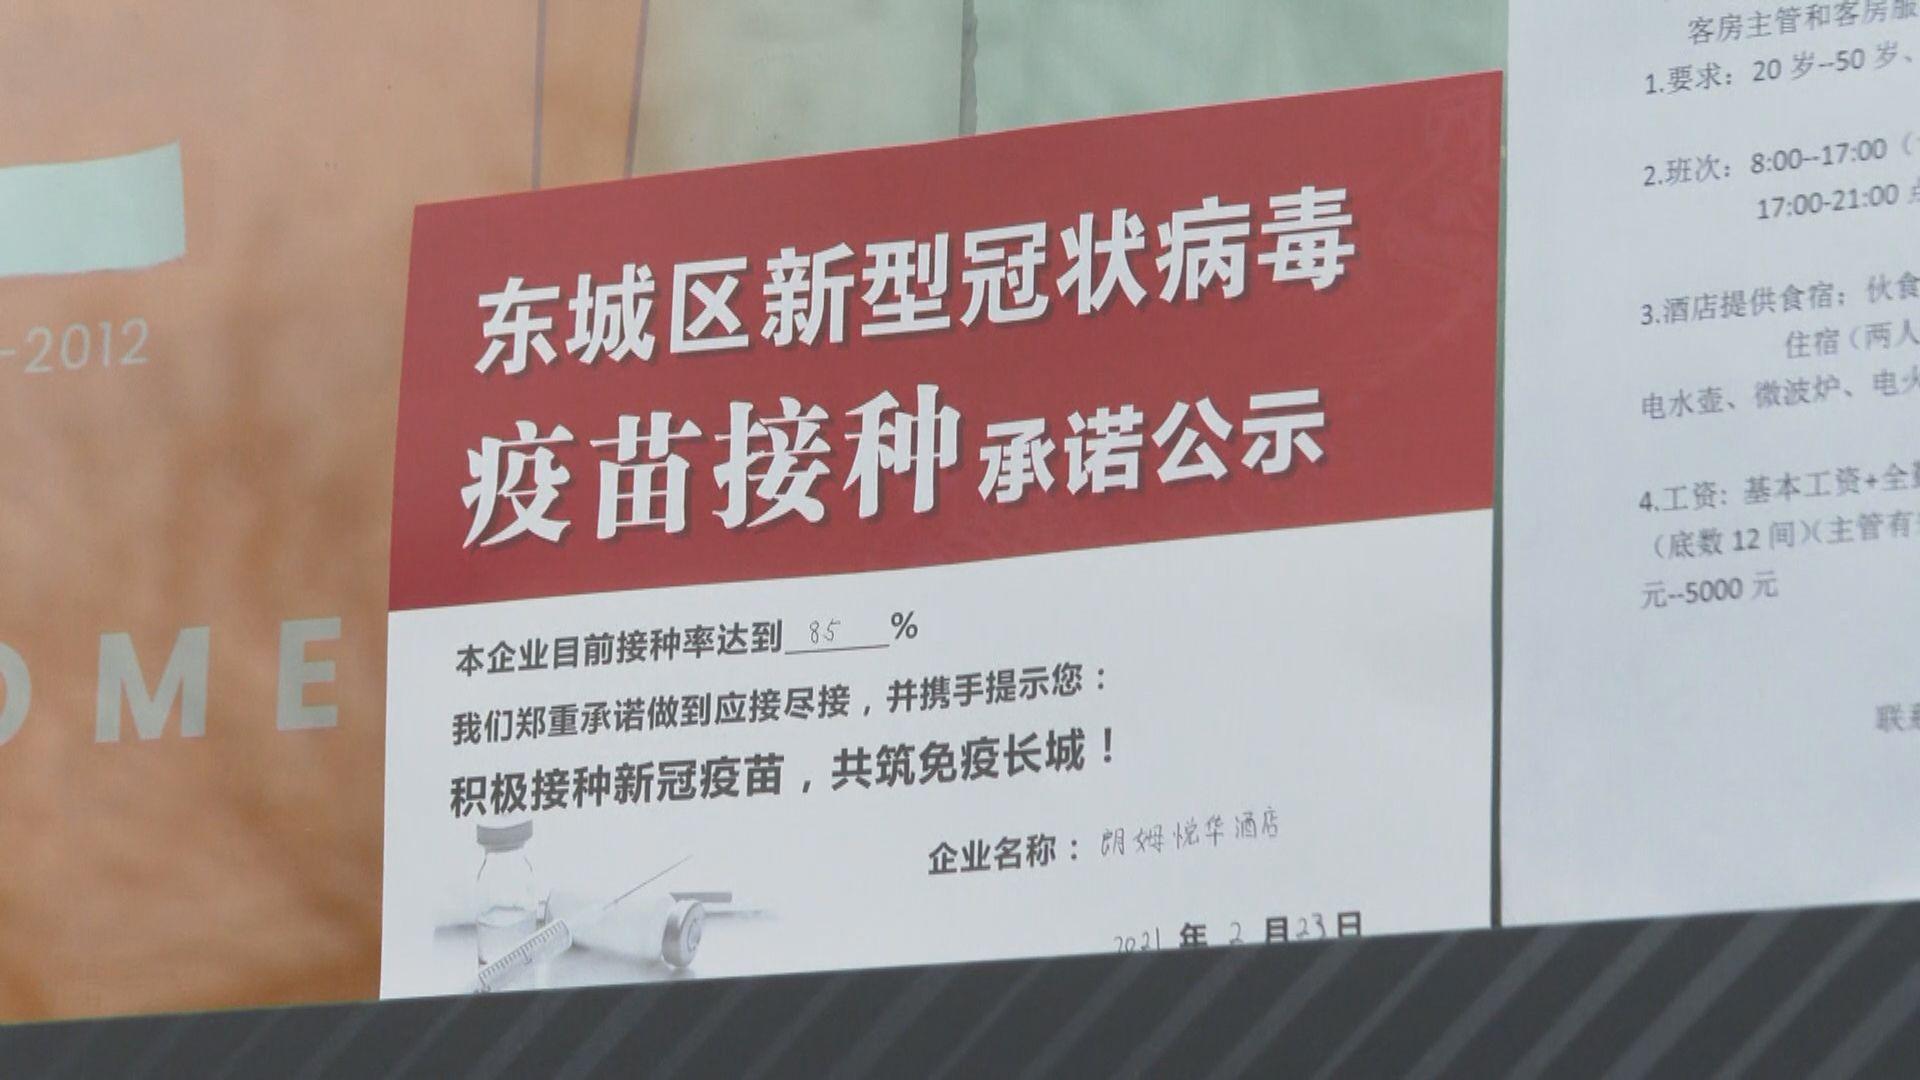 【首都專線】居京人士接種新冠疫苗意願不一 部分人仍觀望